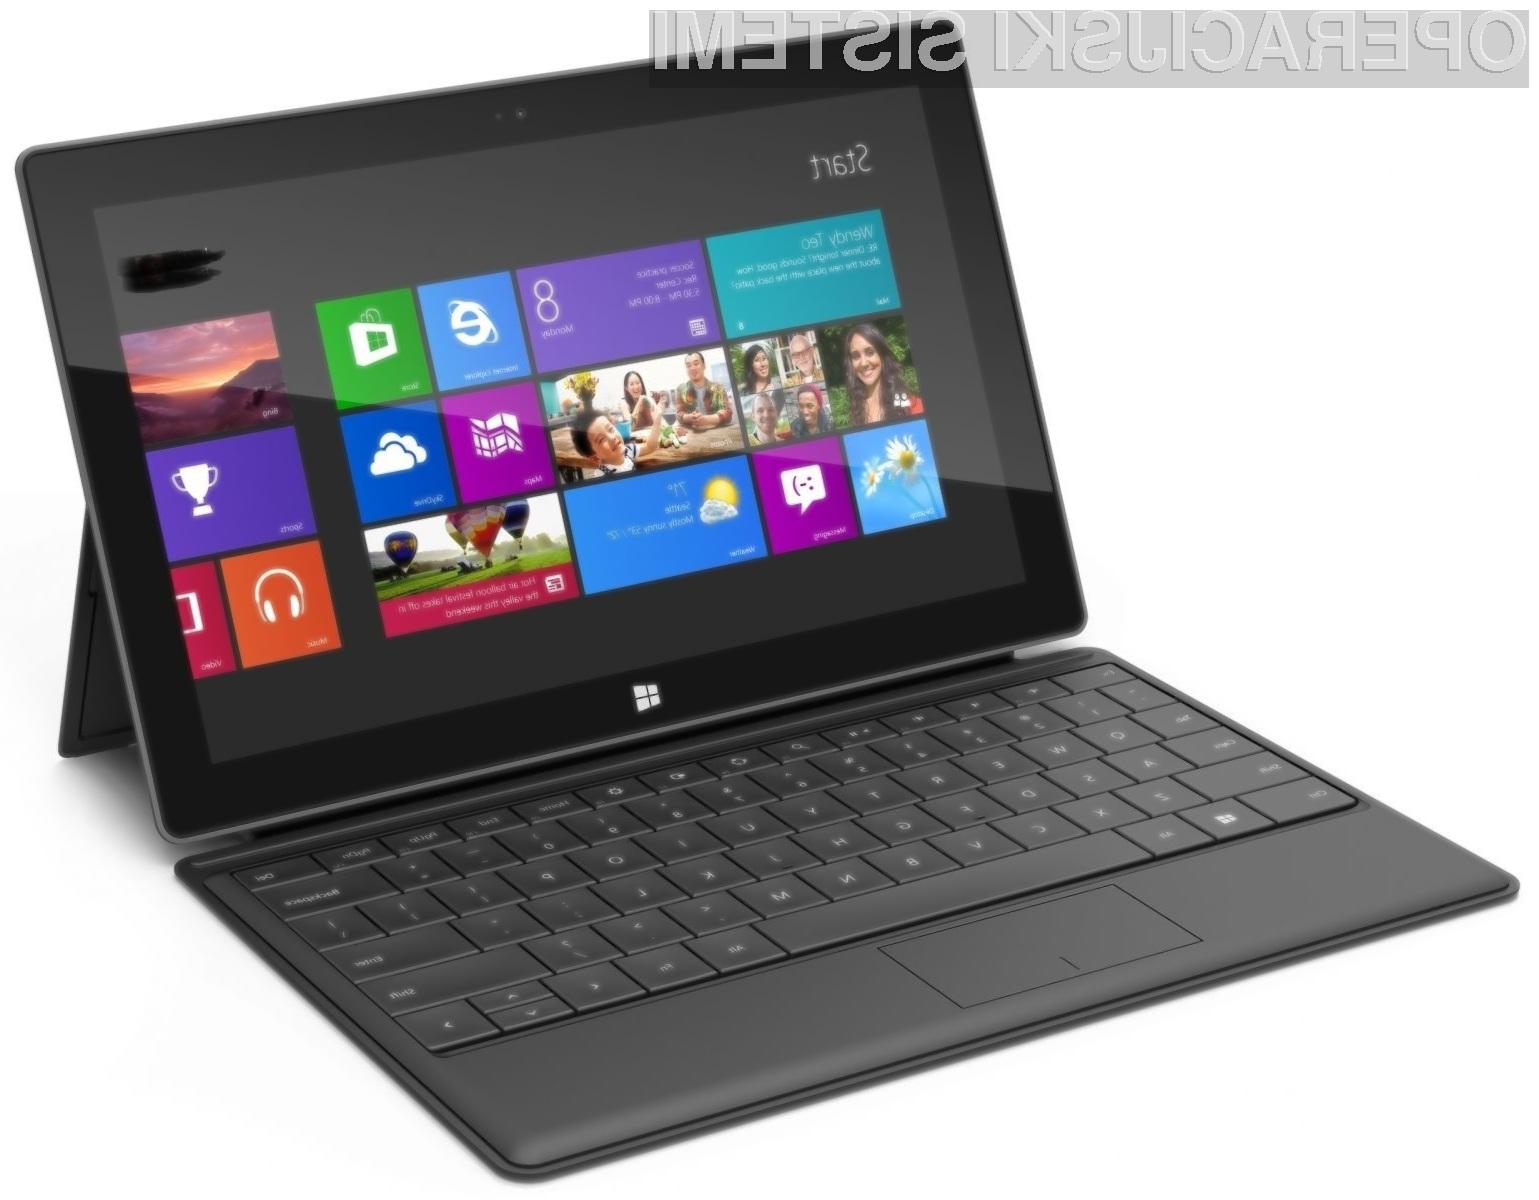 Tablični računalniki z Windowsi 8 naj bi zaradi visokih cen šli zelo slabo v prodajo!